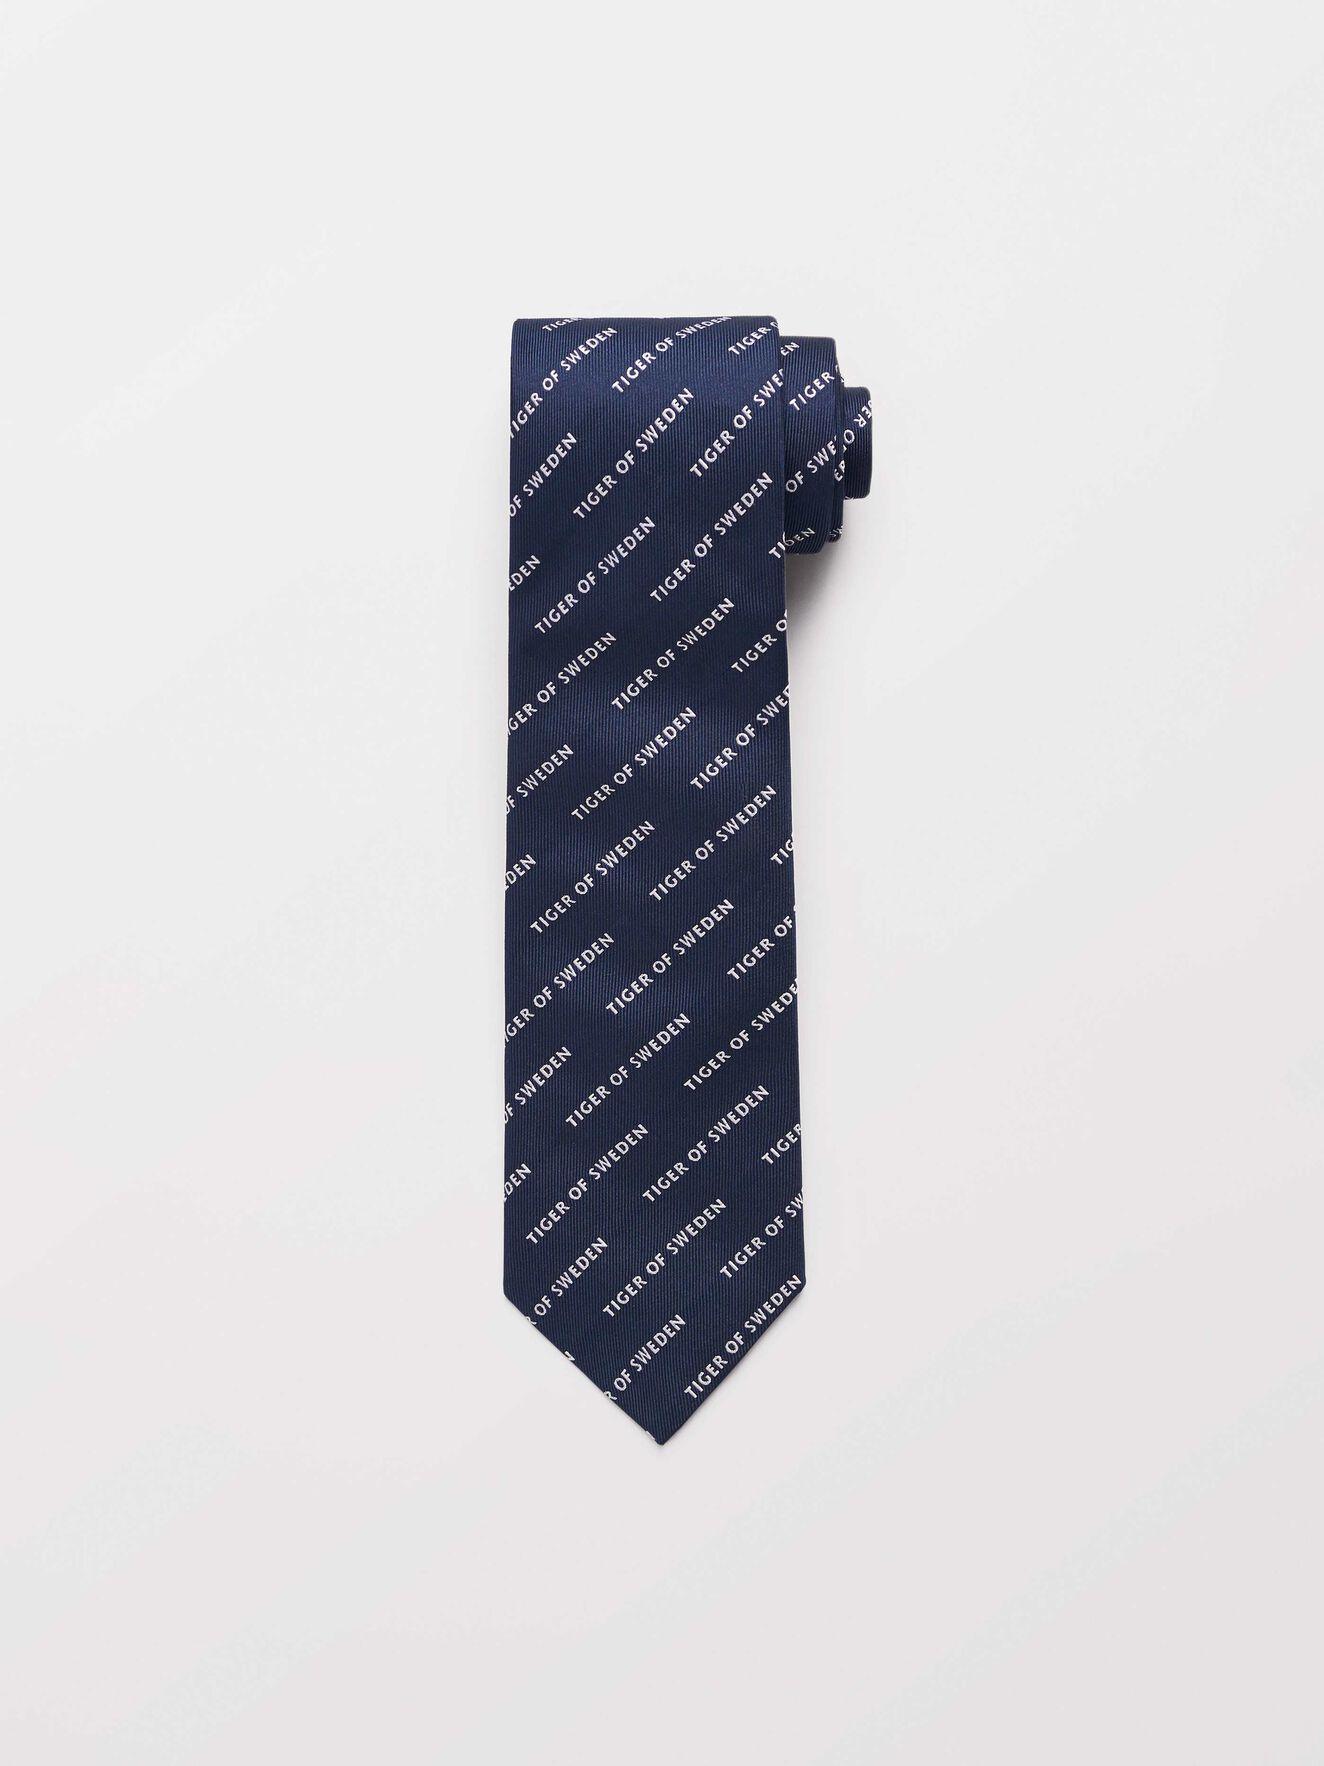 Torris Tie in Light Ink from Tiger of Sweden